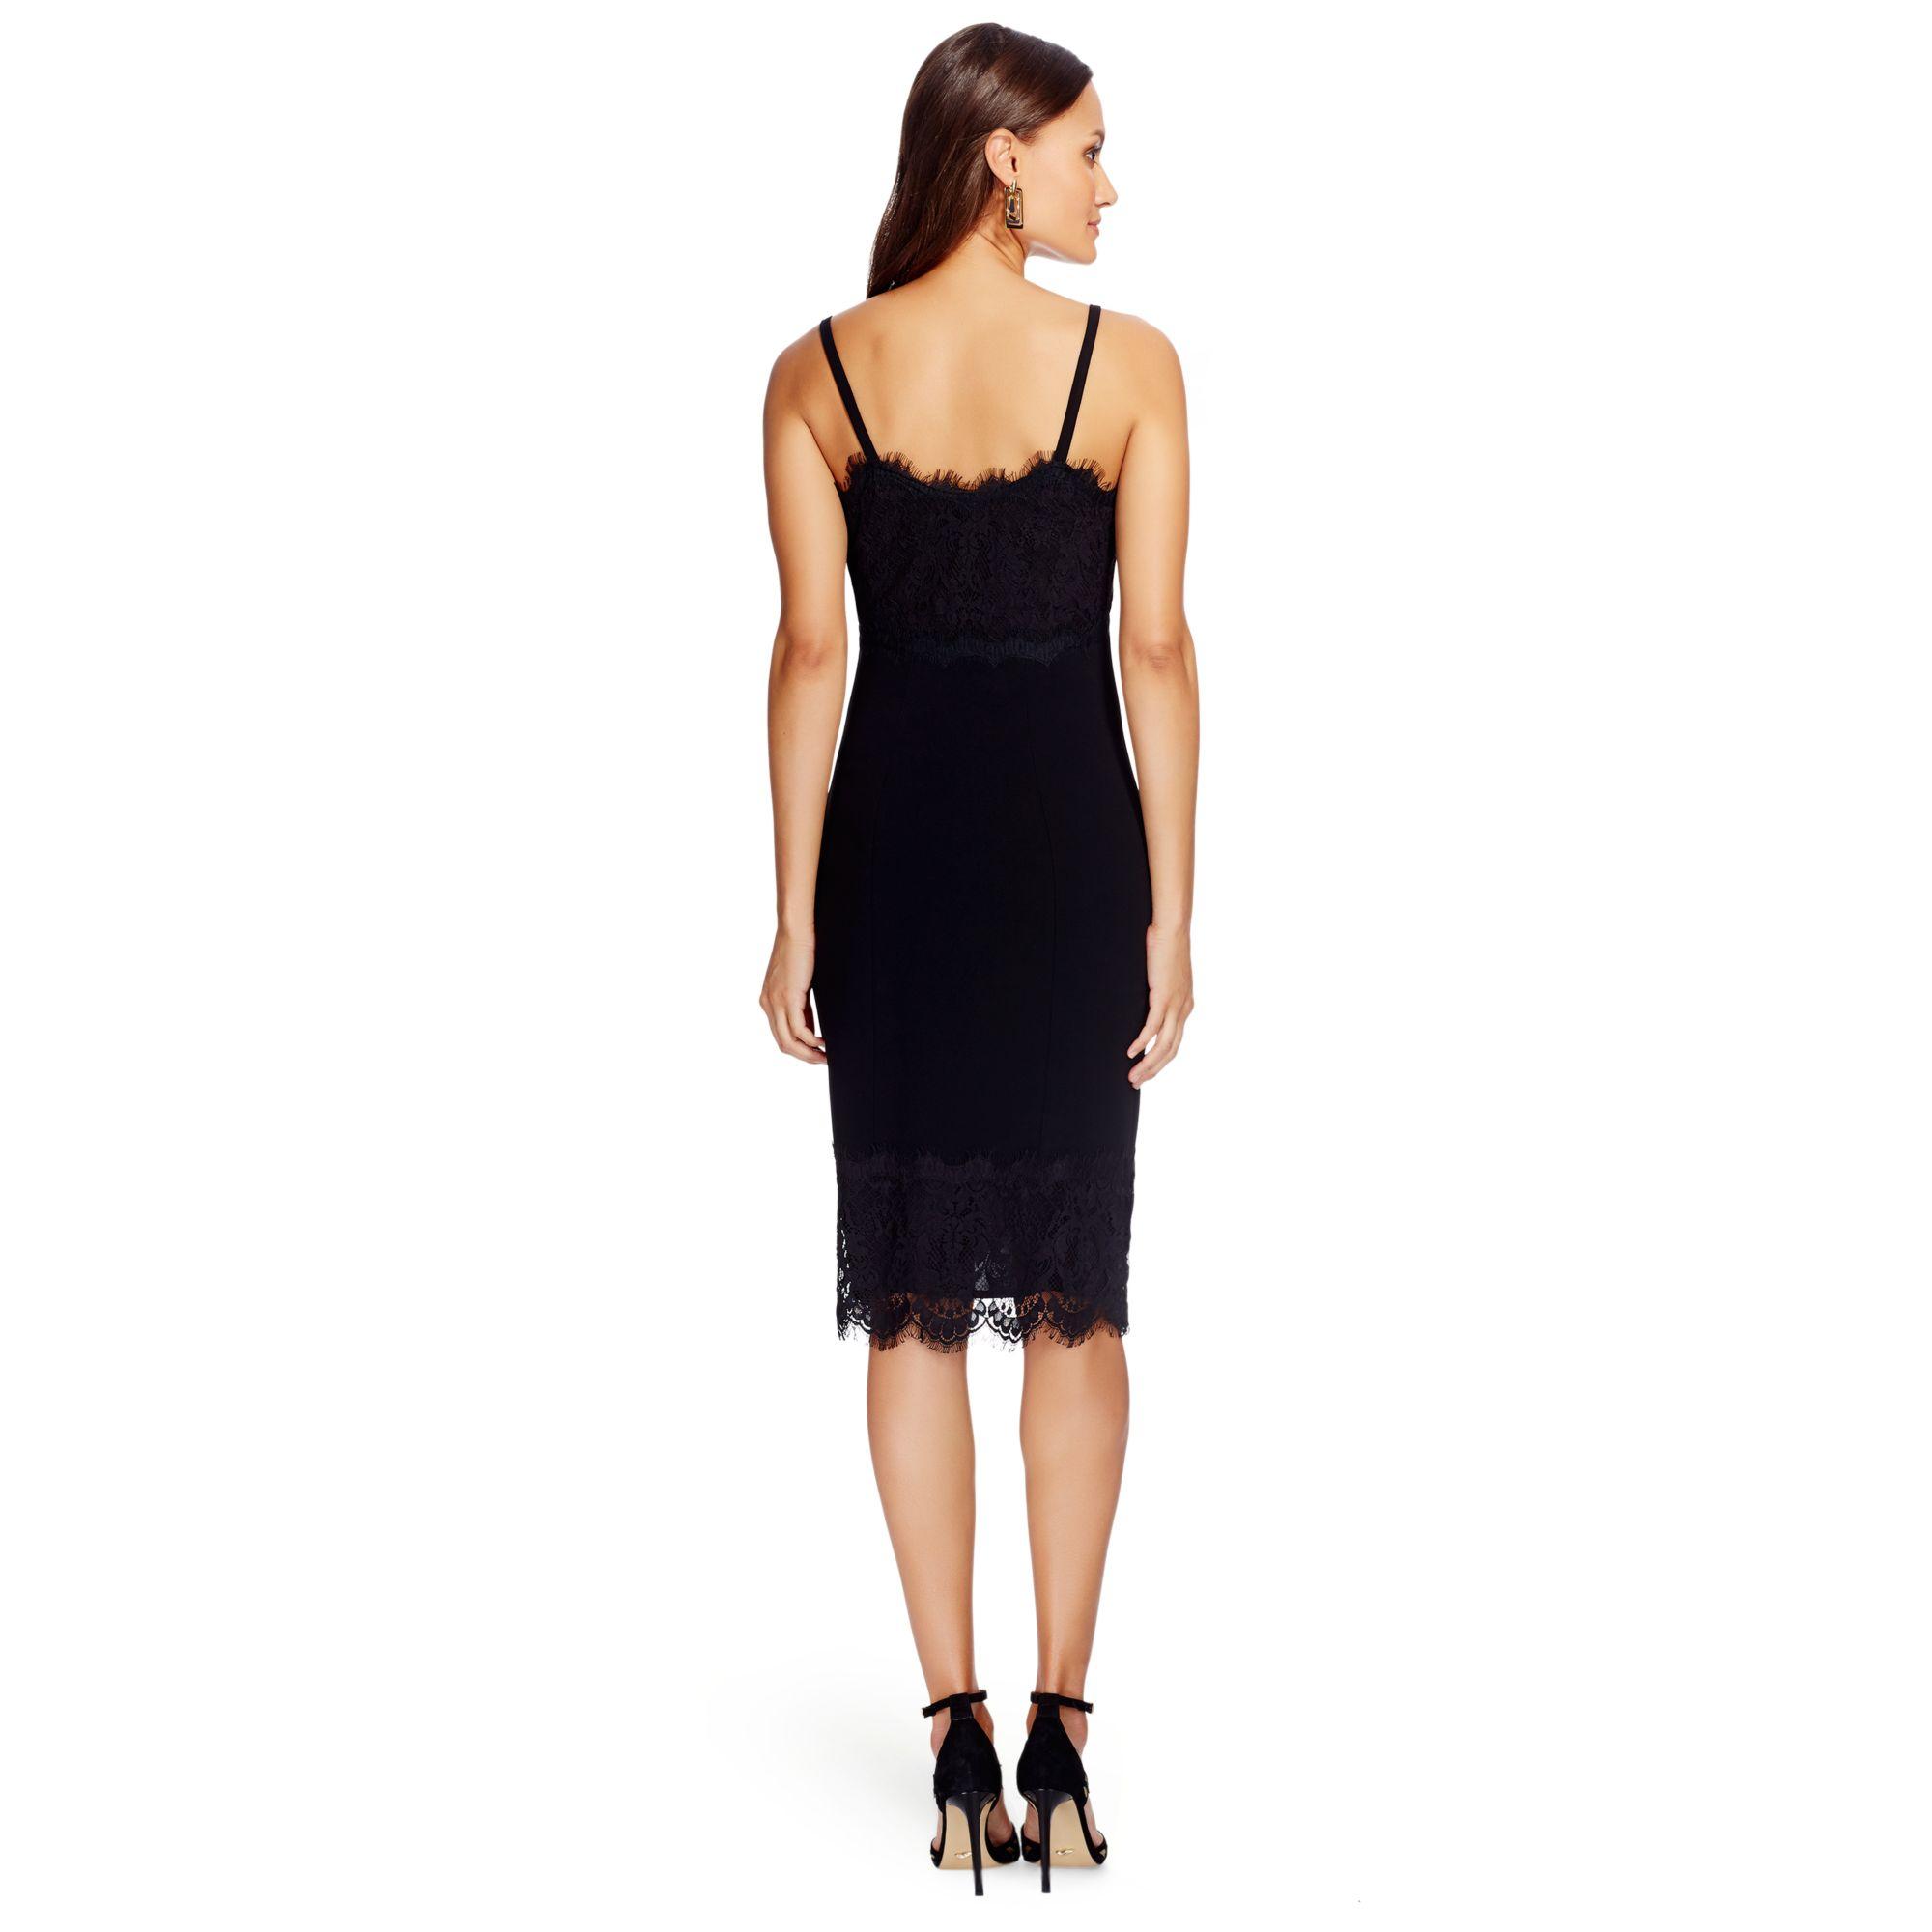 Diane von furstenberg Olivette Lace Dress in Black  Lyst